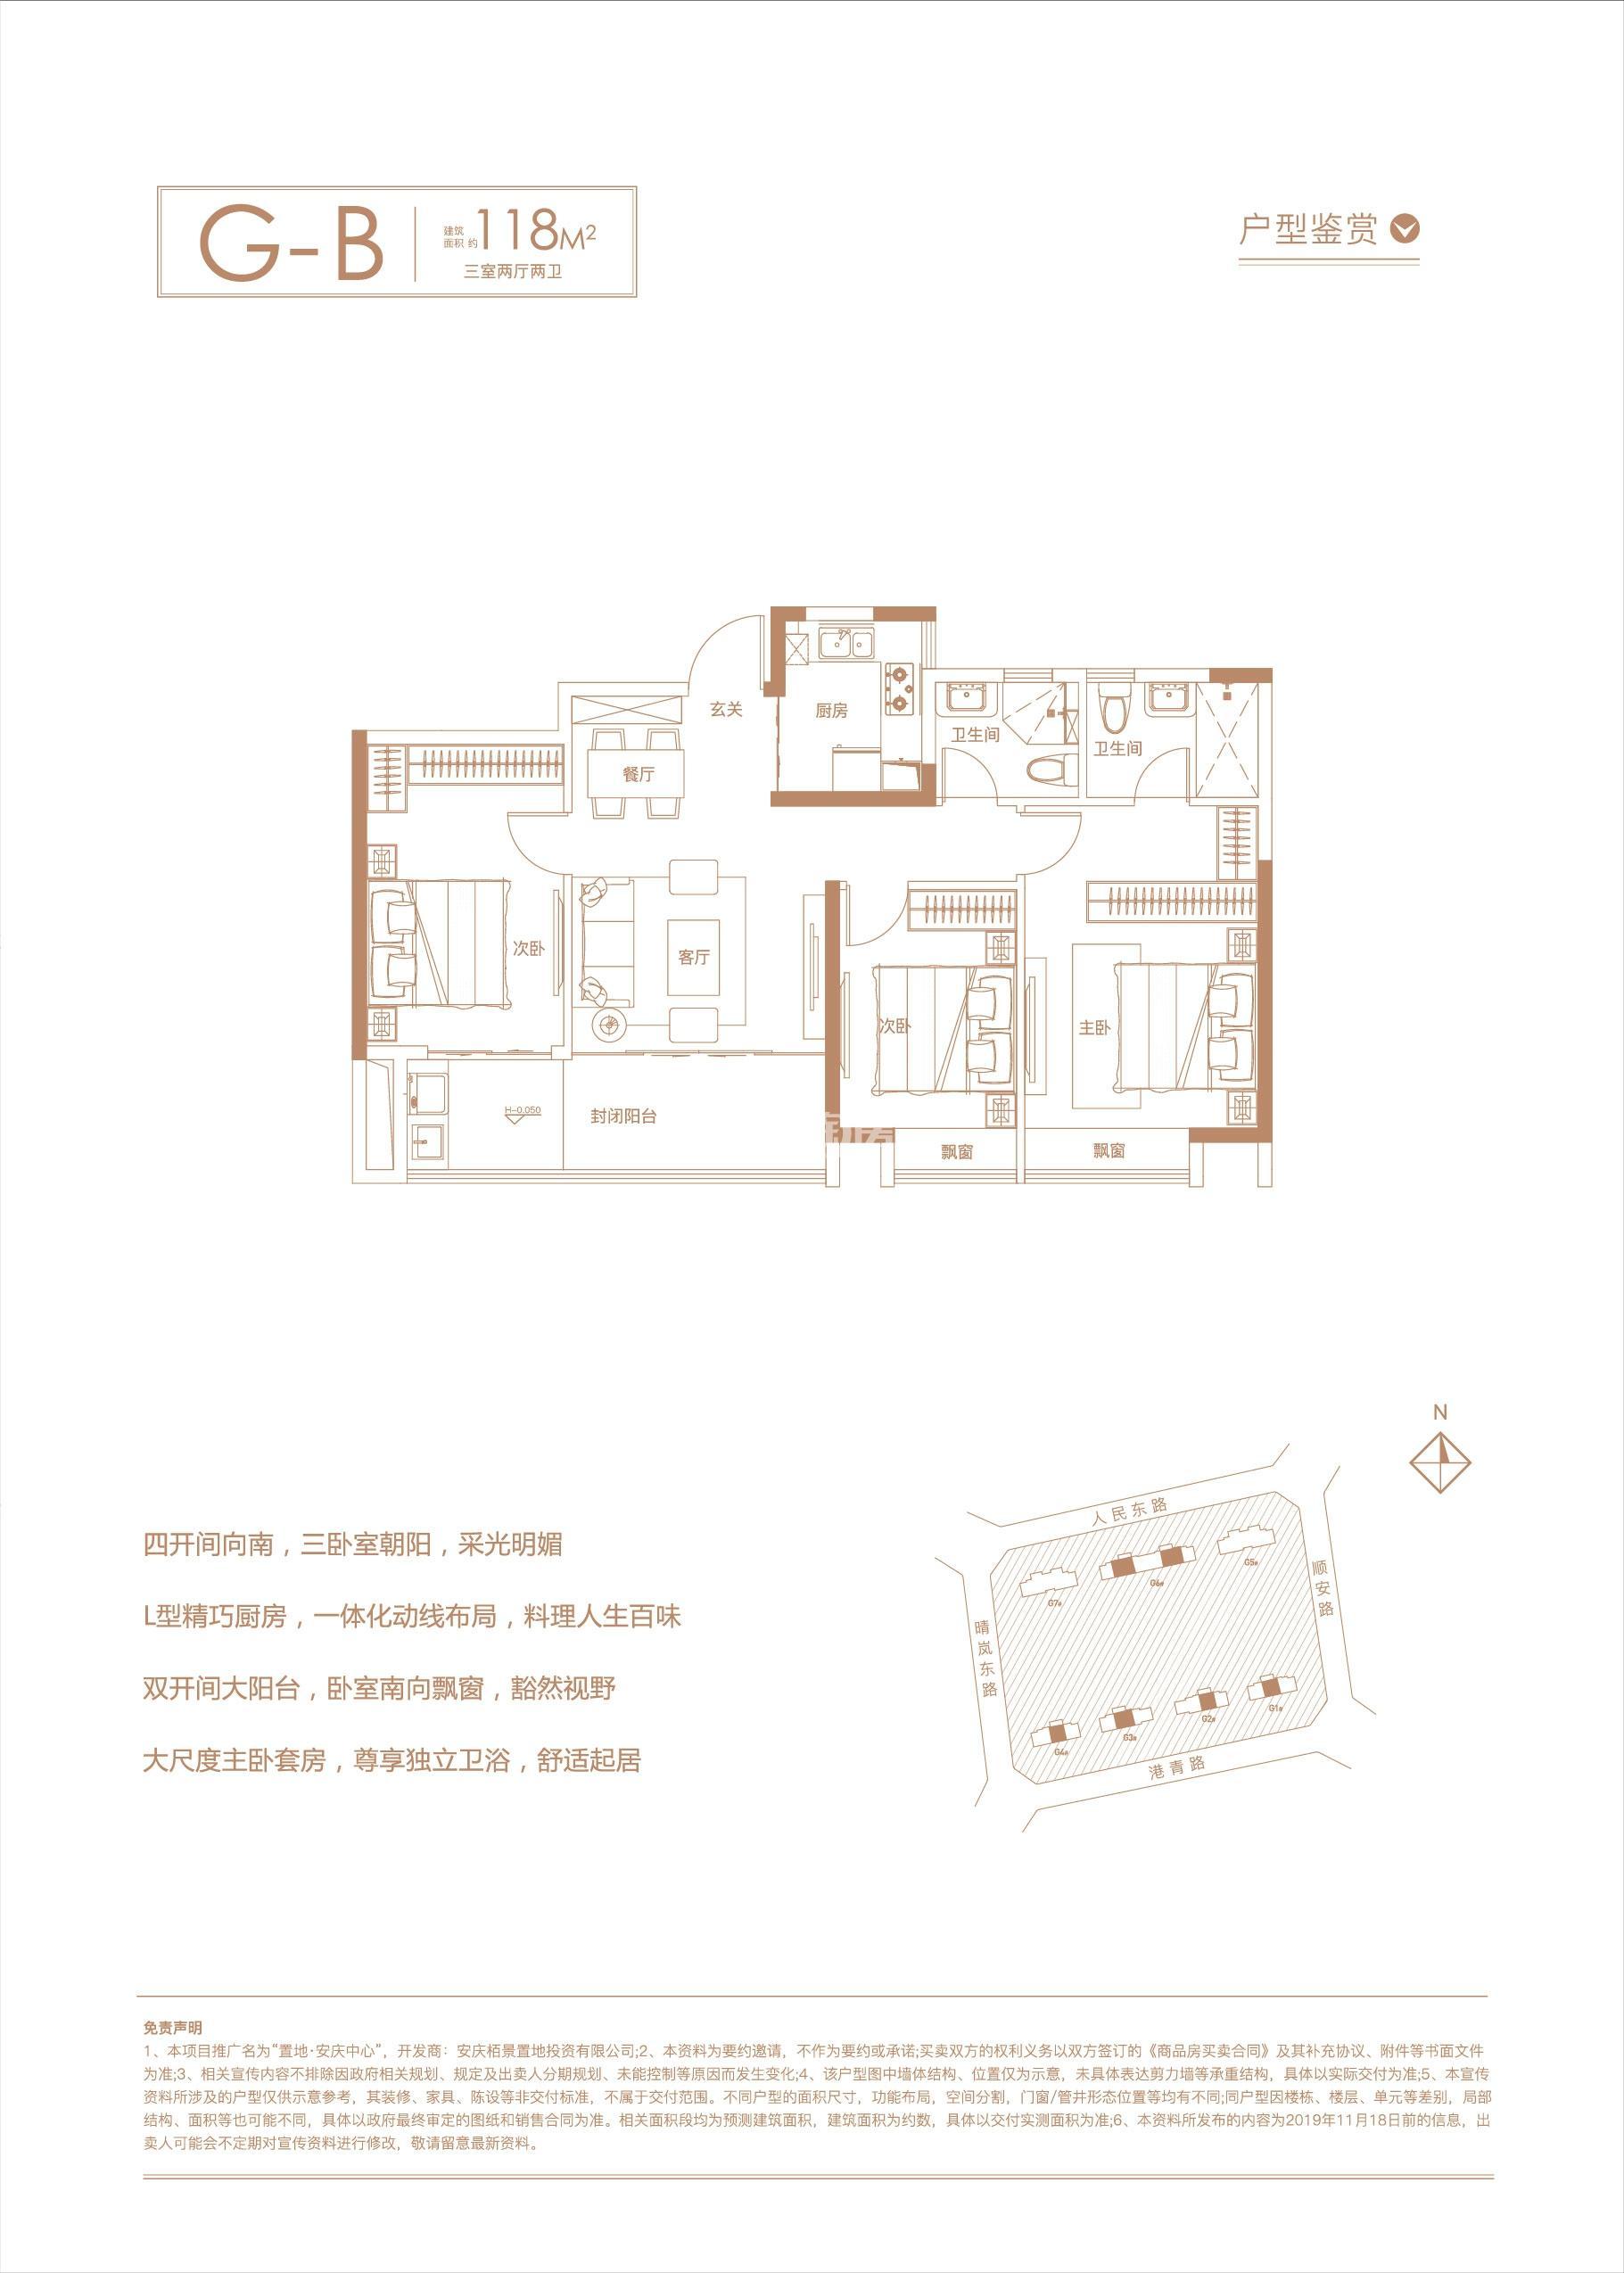 安庆置地安庆中心118㎡三室两厅两卫G-B户型